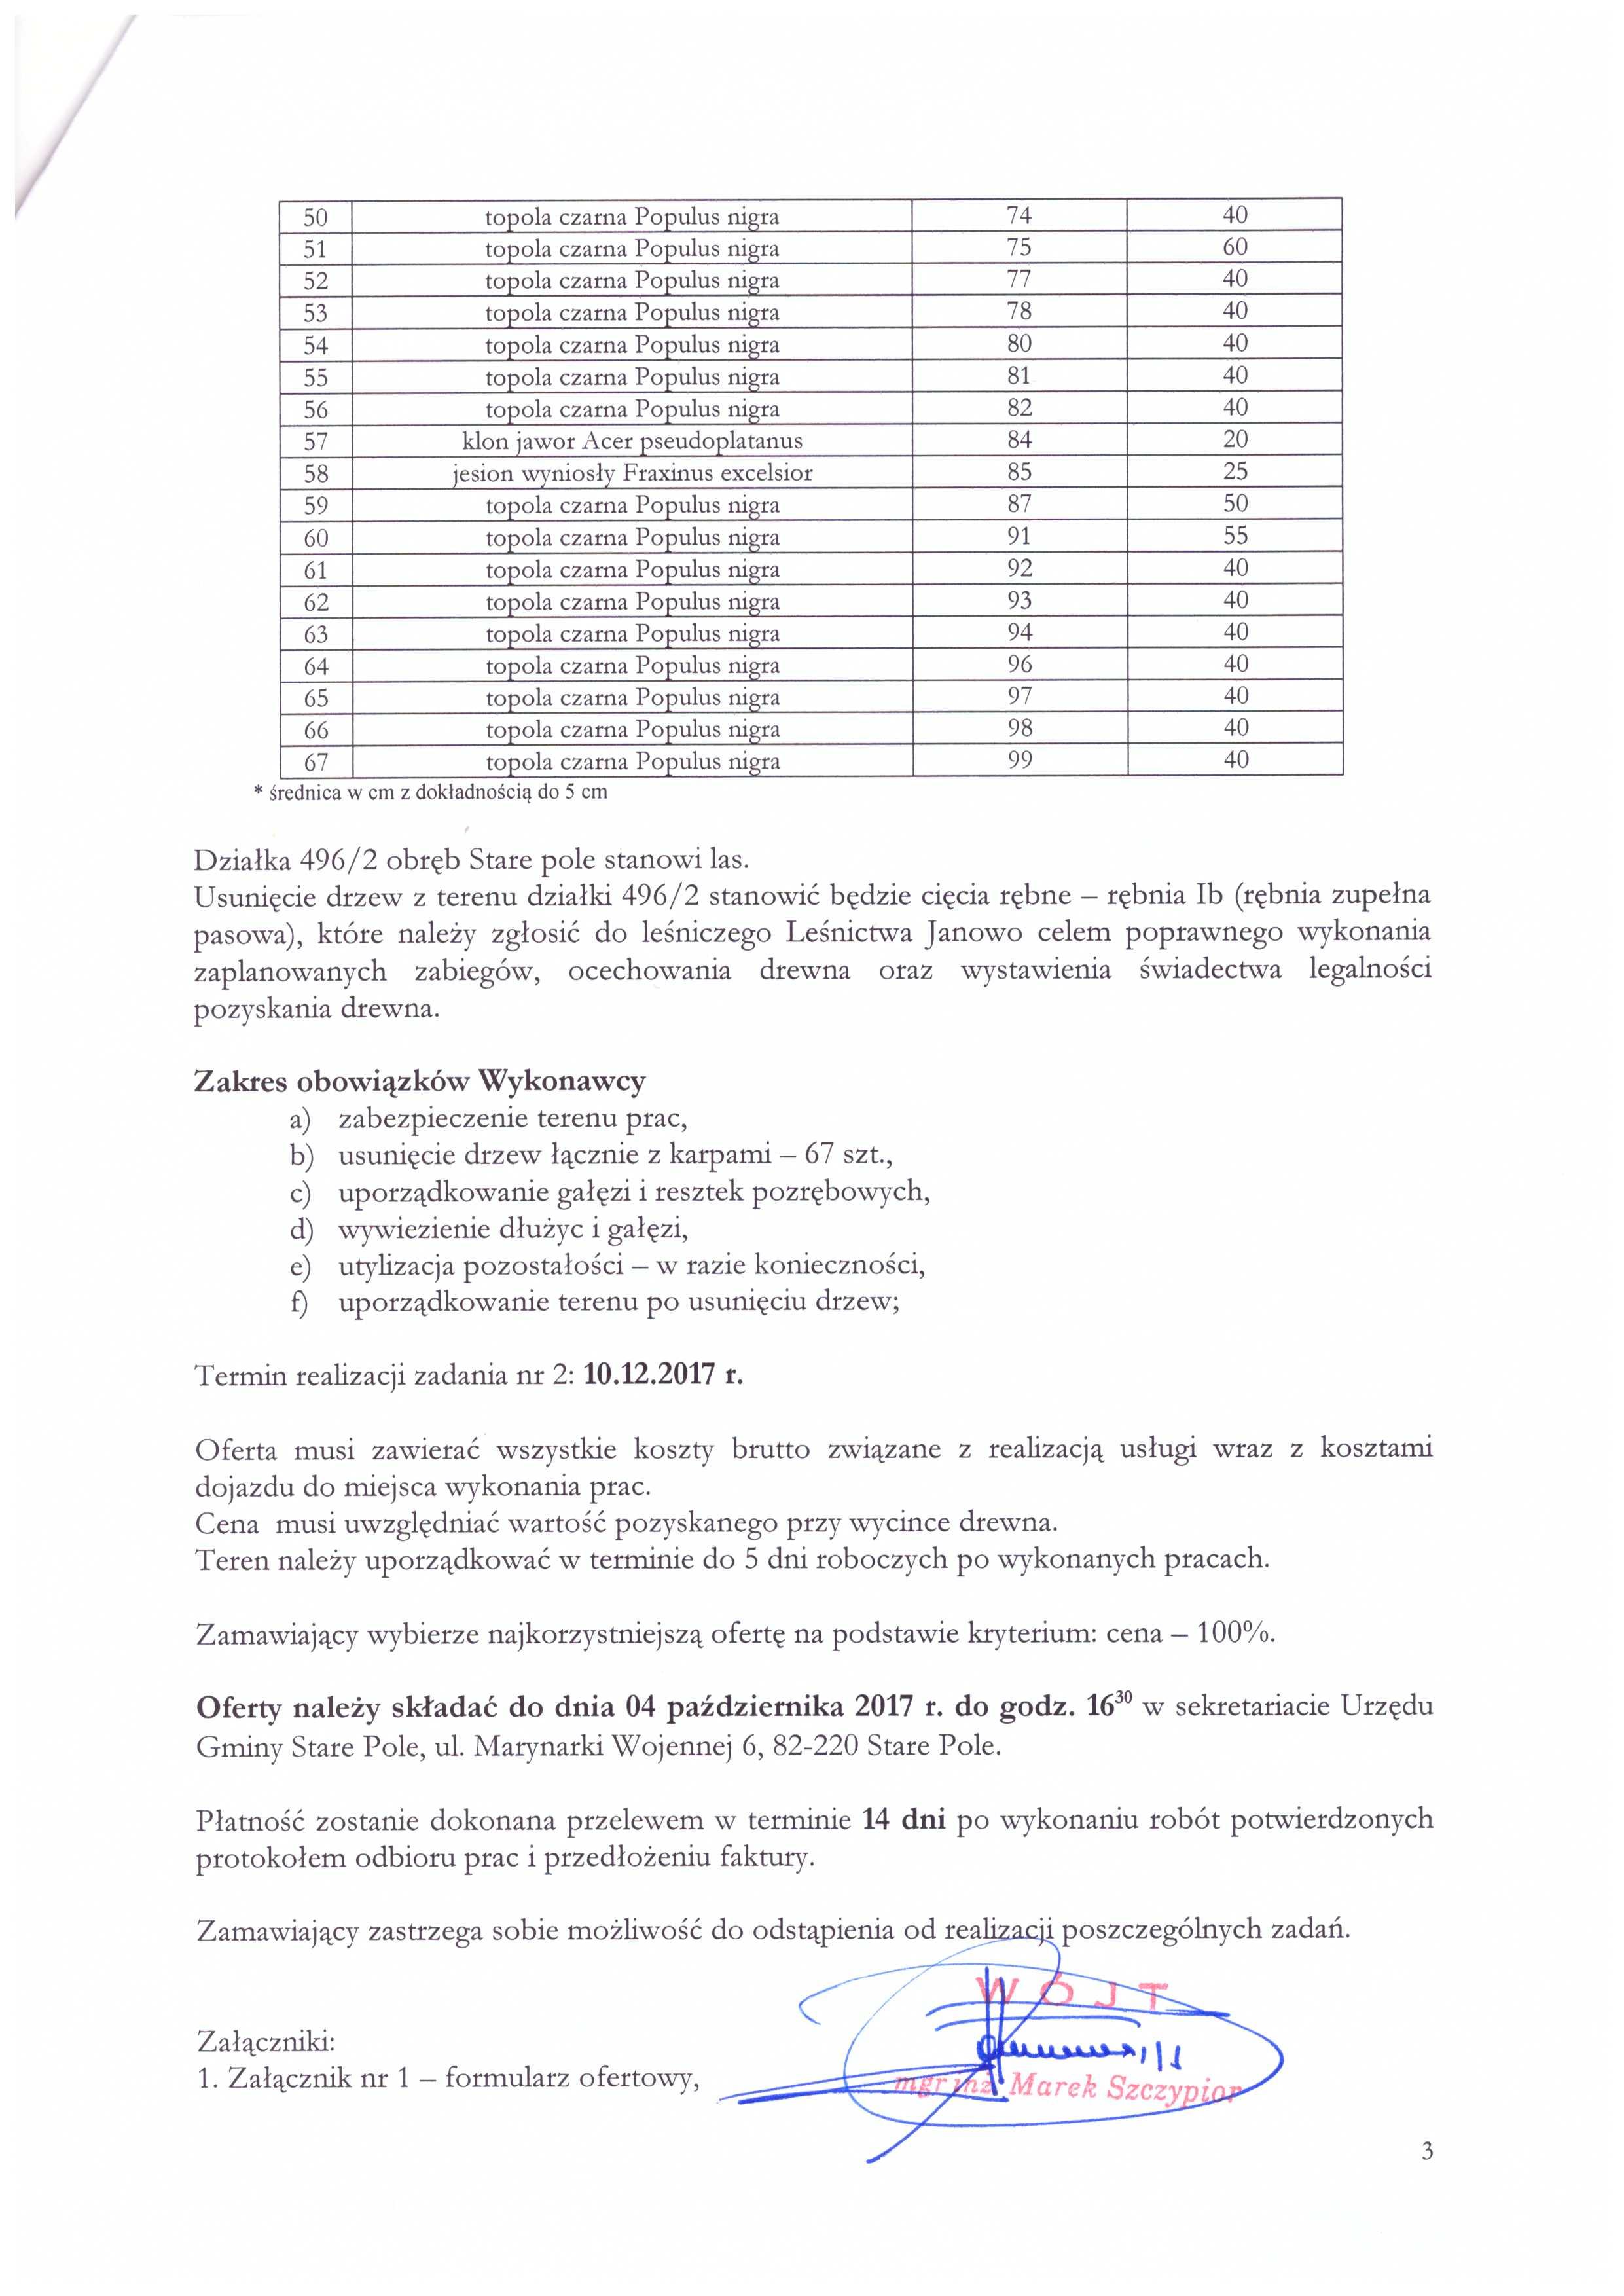 Aktualizacja z dnia 25 września 2017 r. zapytania ofertowego - str. 3